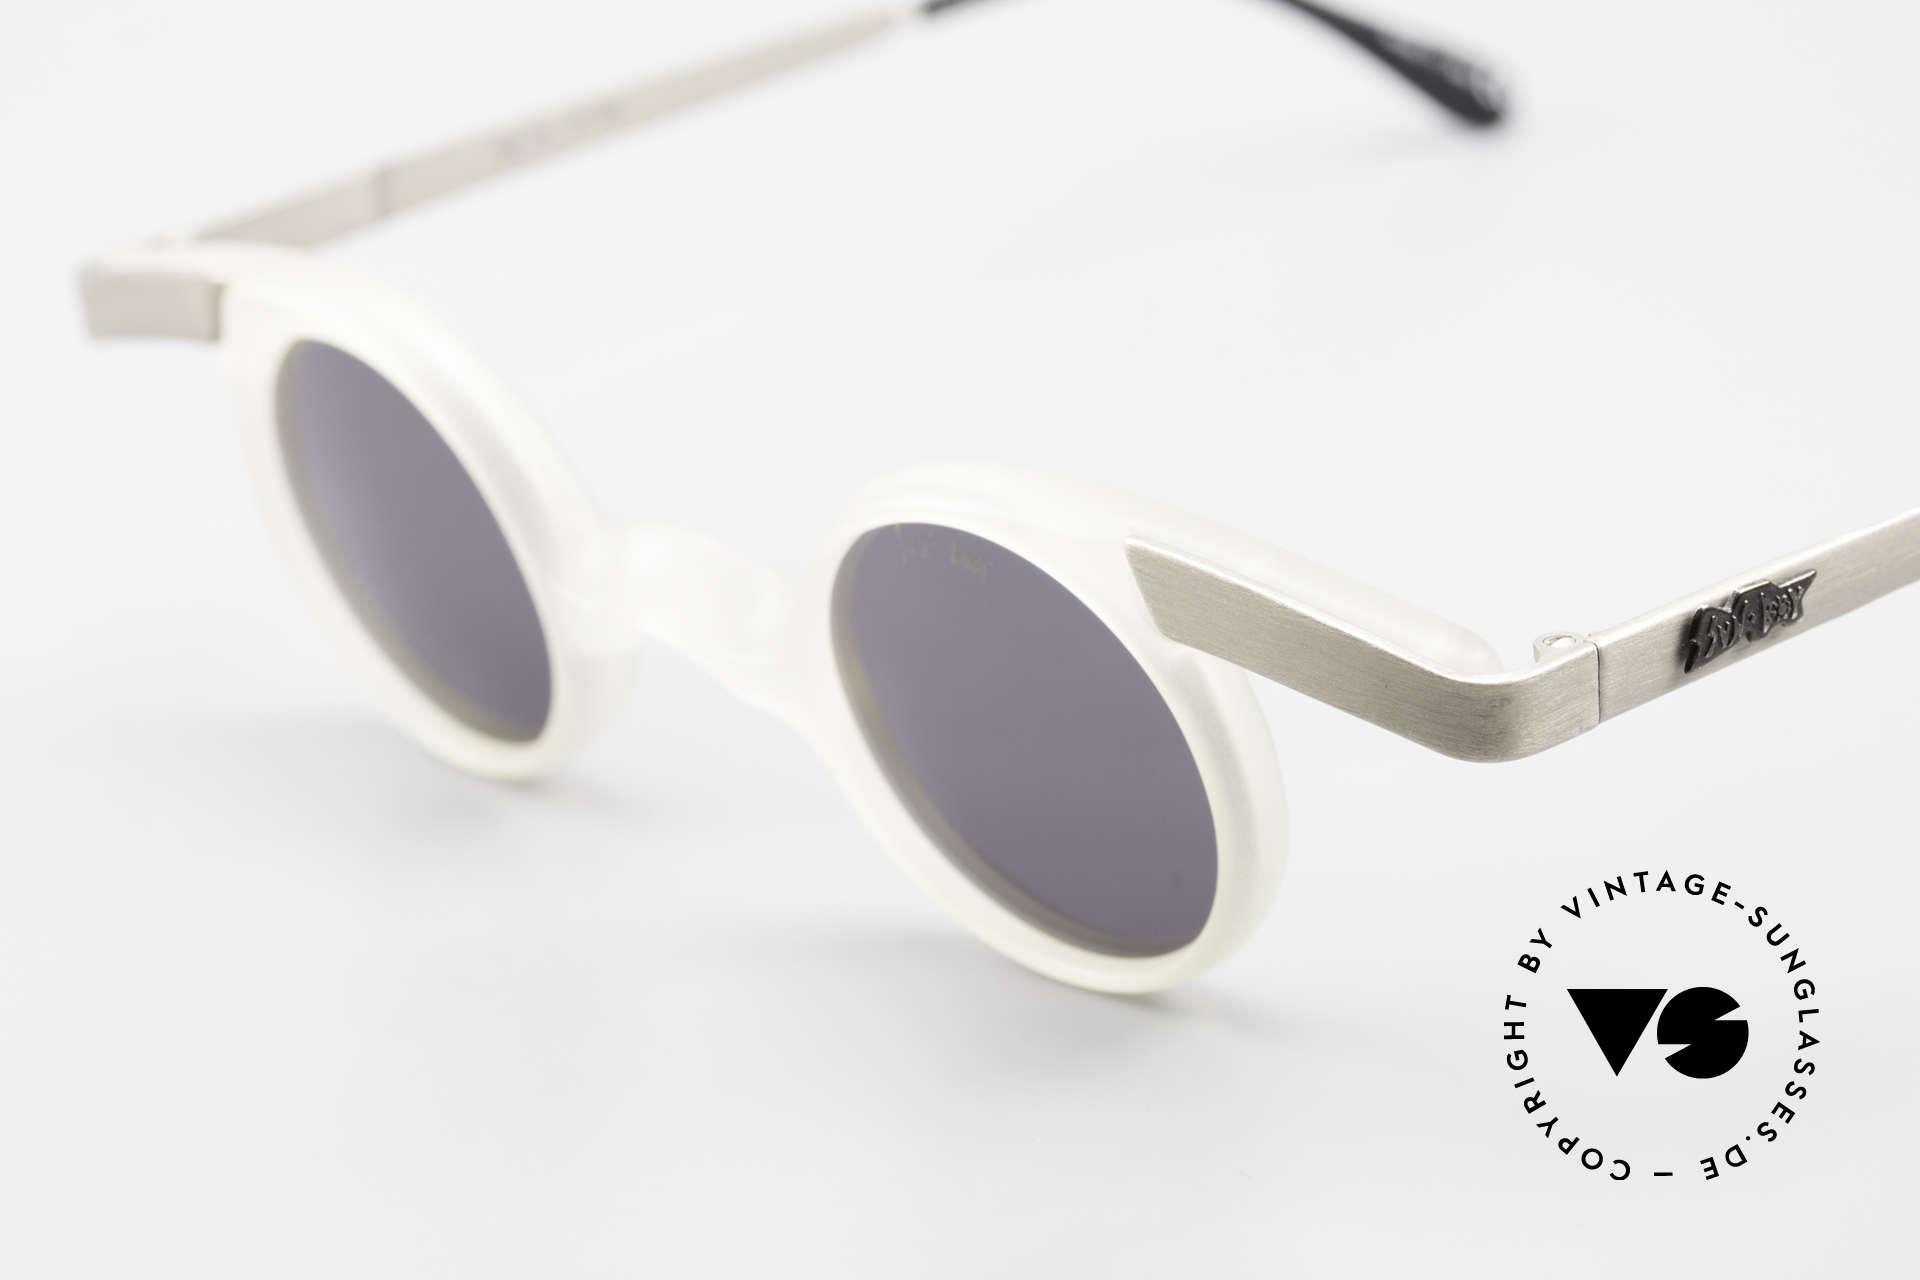 Sunboy SB39 Vintage No Retro Sunglasses, NO RETRO SUNGLASSES, but a fancy old ORIGINAL, Made for Men and Women